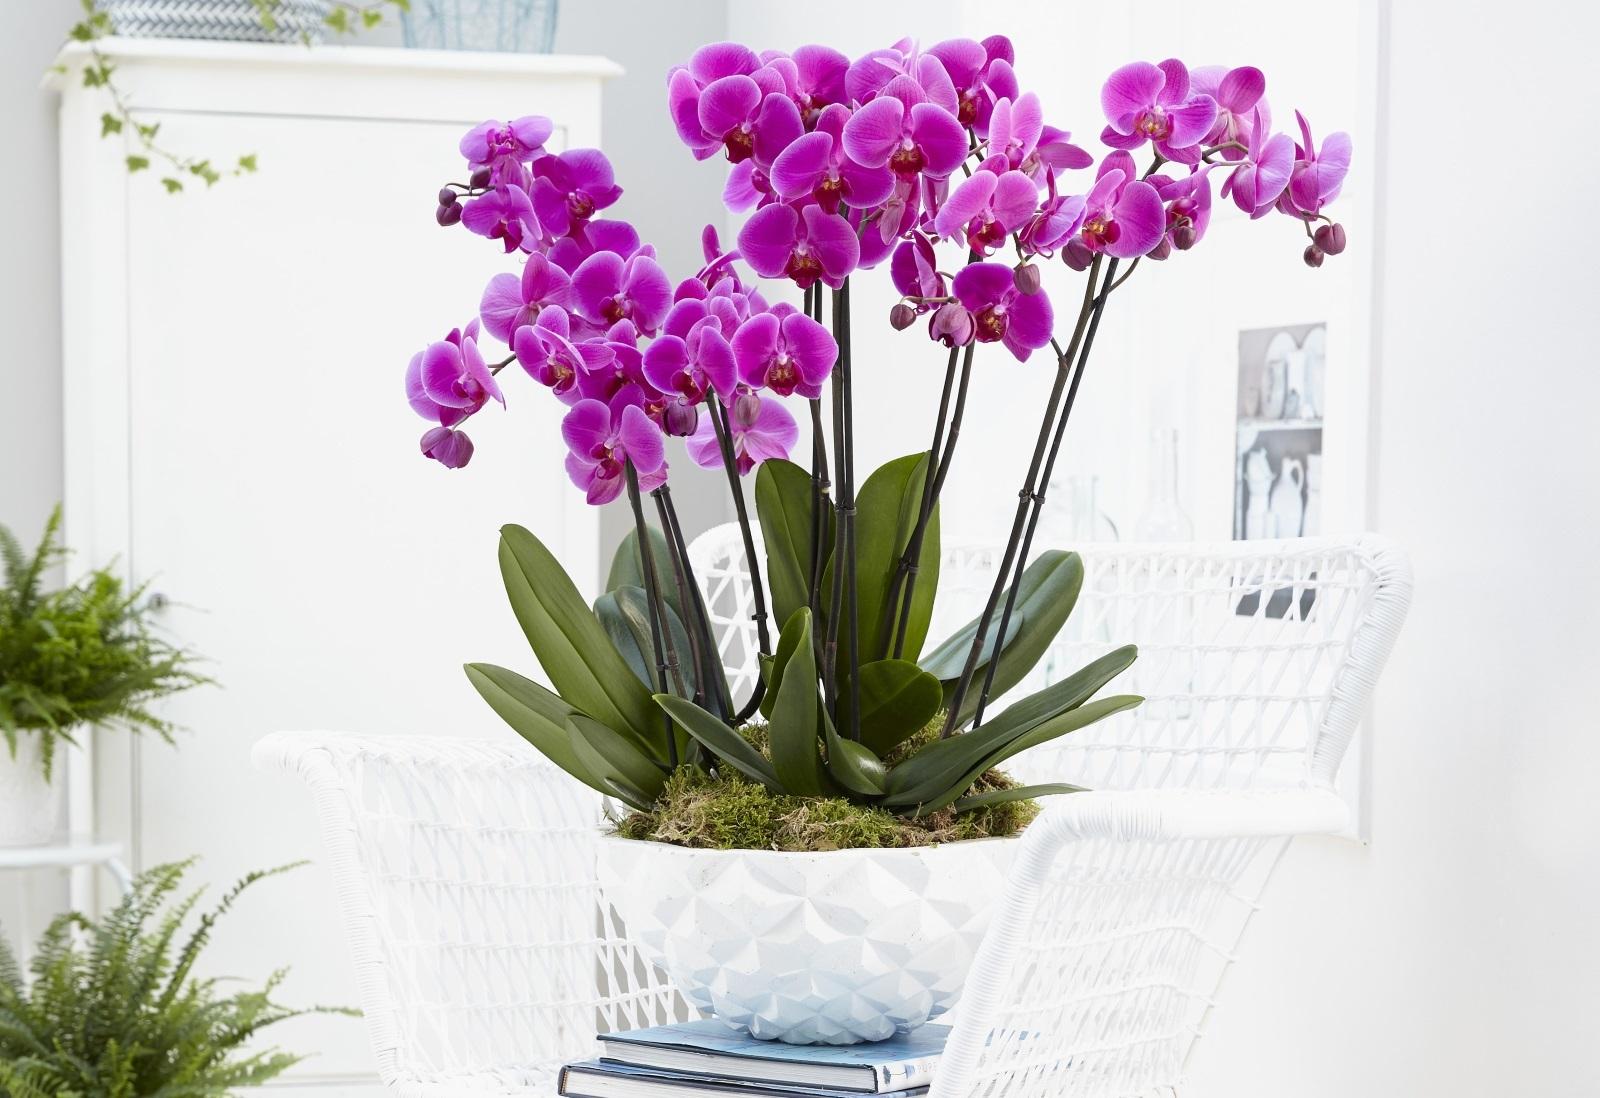 1-orhidei-6-pravila-so-koi-chuvstvitelnite-ubavici-konechno-kje-procvetaat-www.kafepauza.mk_